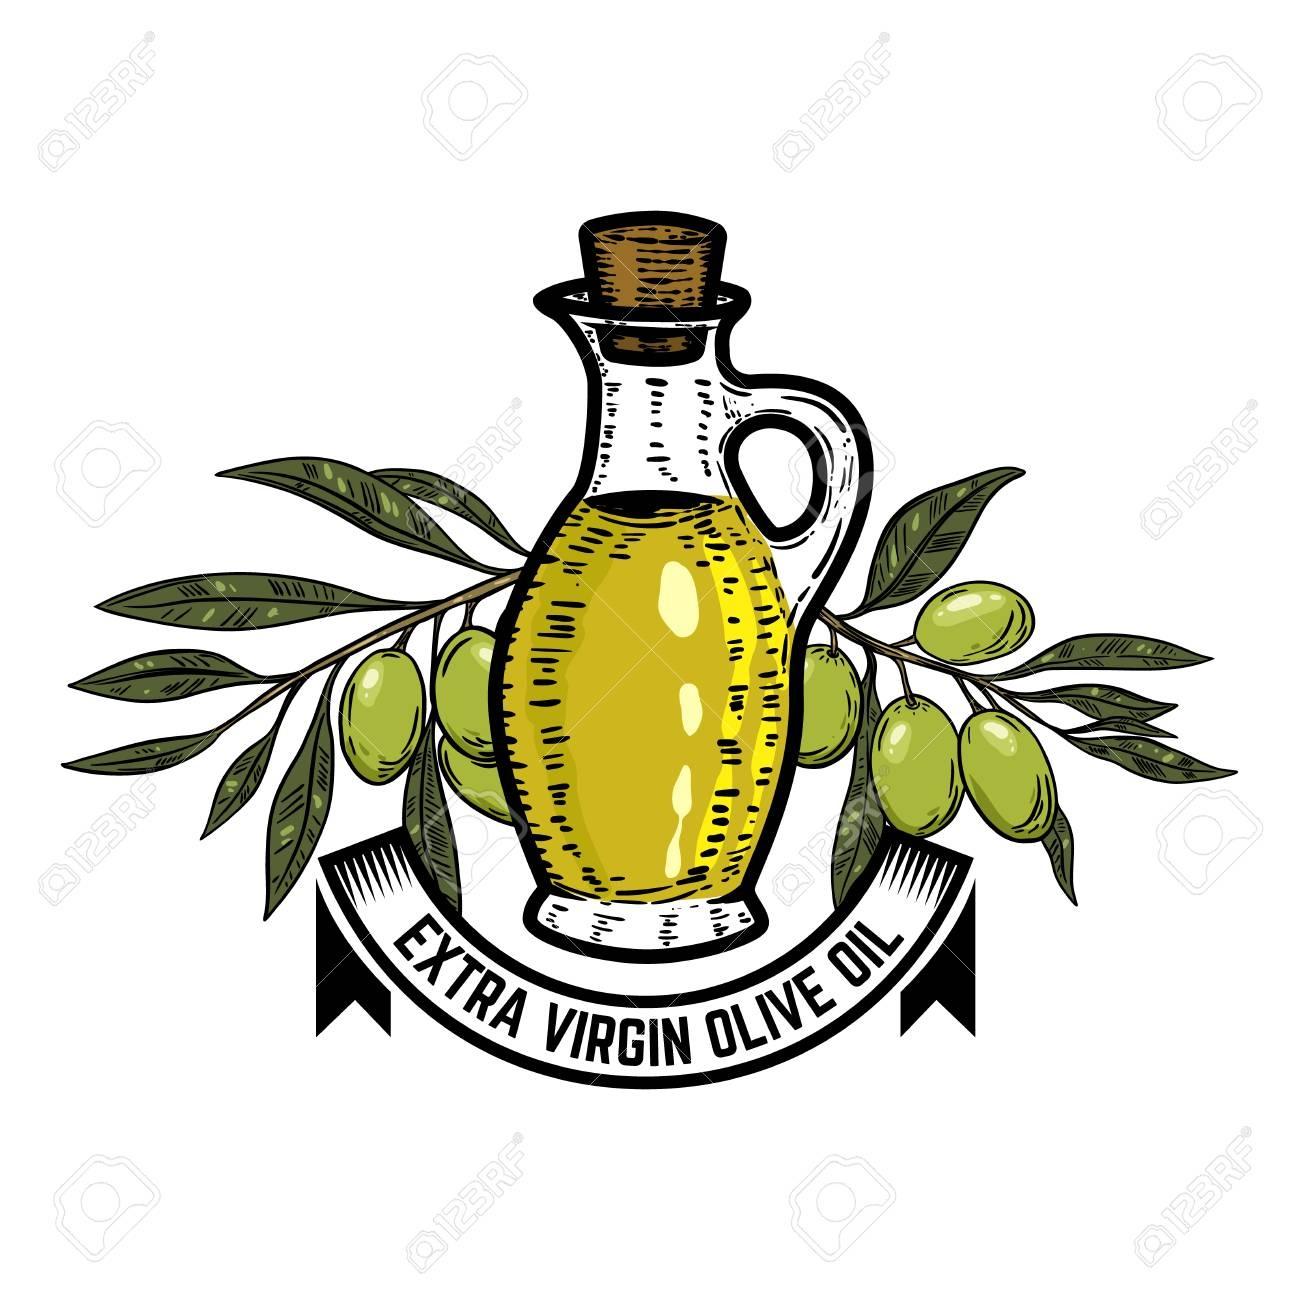 Olive Oil Label Template. Olive Branch. Design Elements For Logo - Free Printable Olive Oil Labels